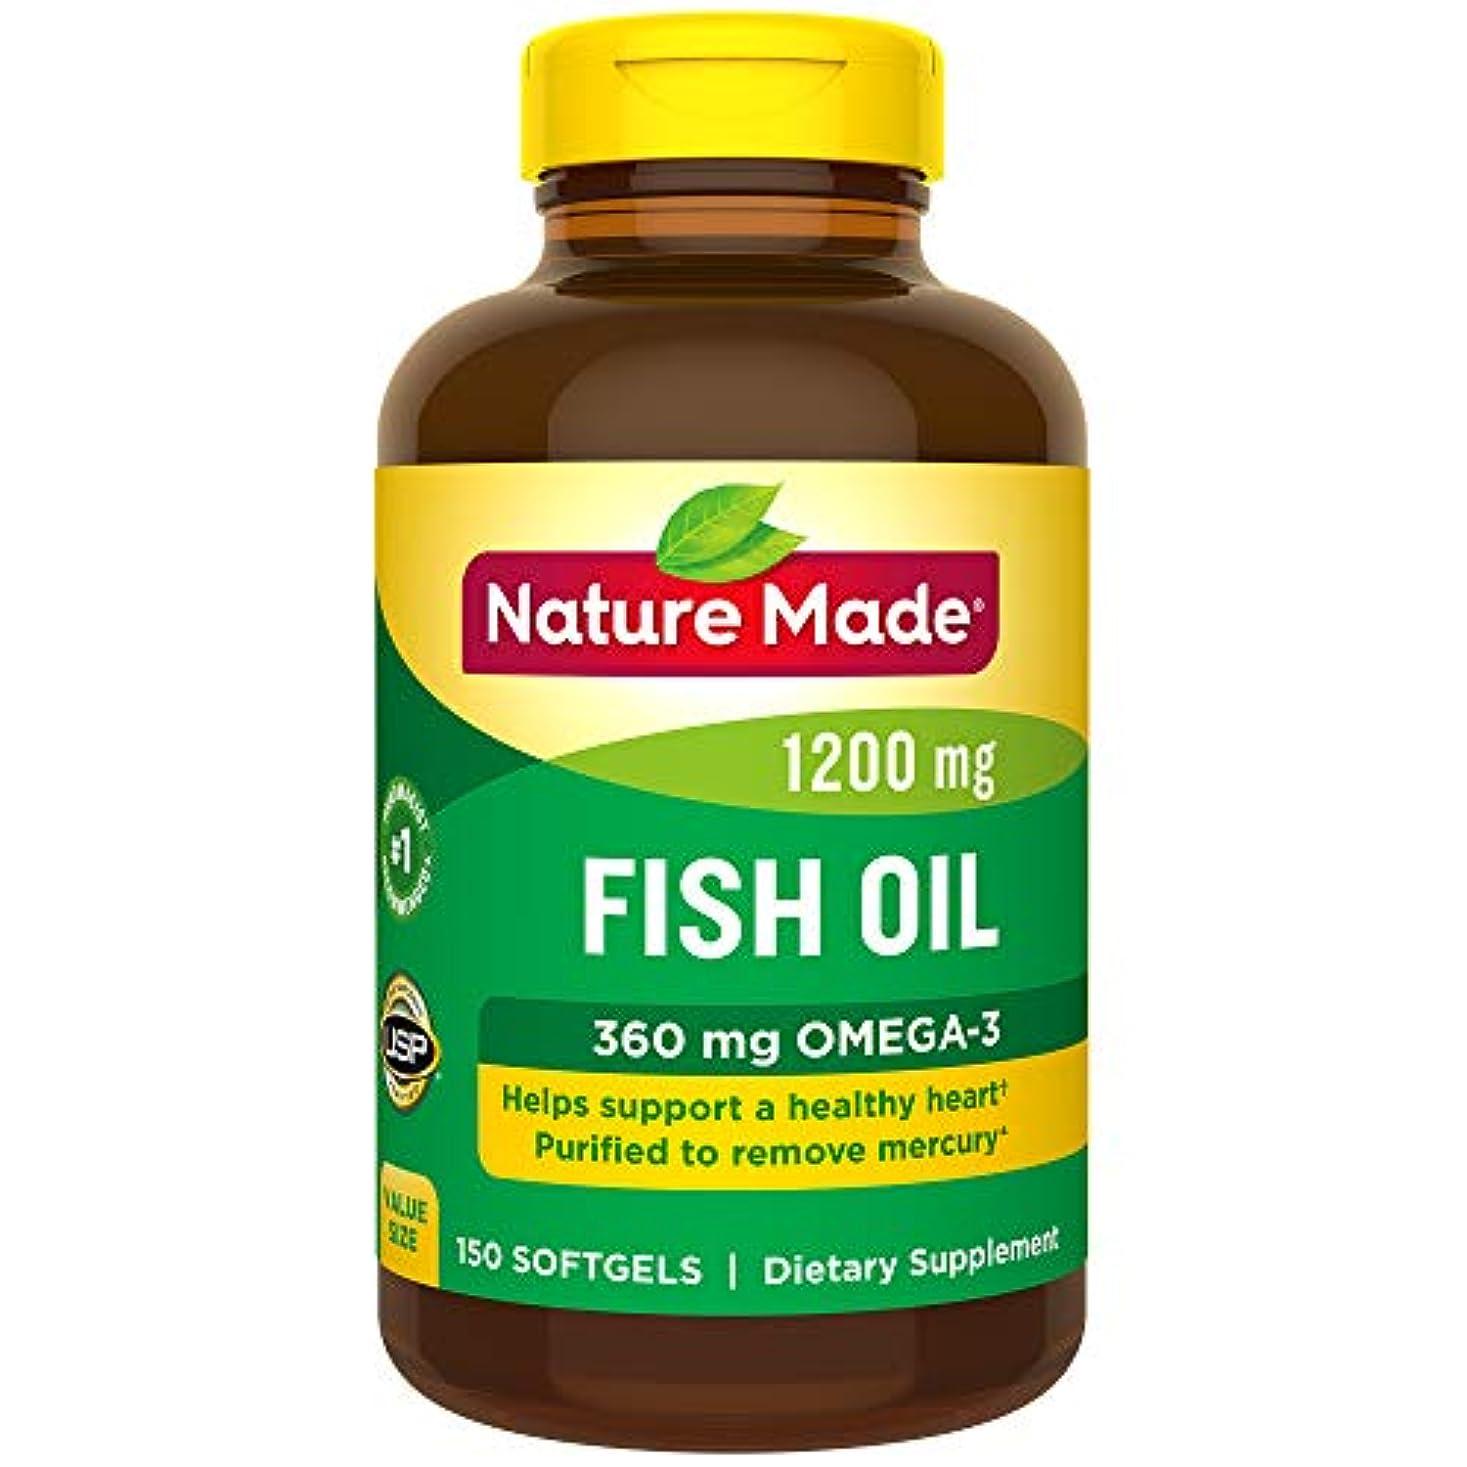 グラディスピンポイント有毒ネイチャーメイド Nature Made フィッシュオイル オメガ3 サプリメント ソフトジェル 150粒 [並行輸入]